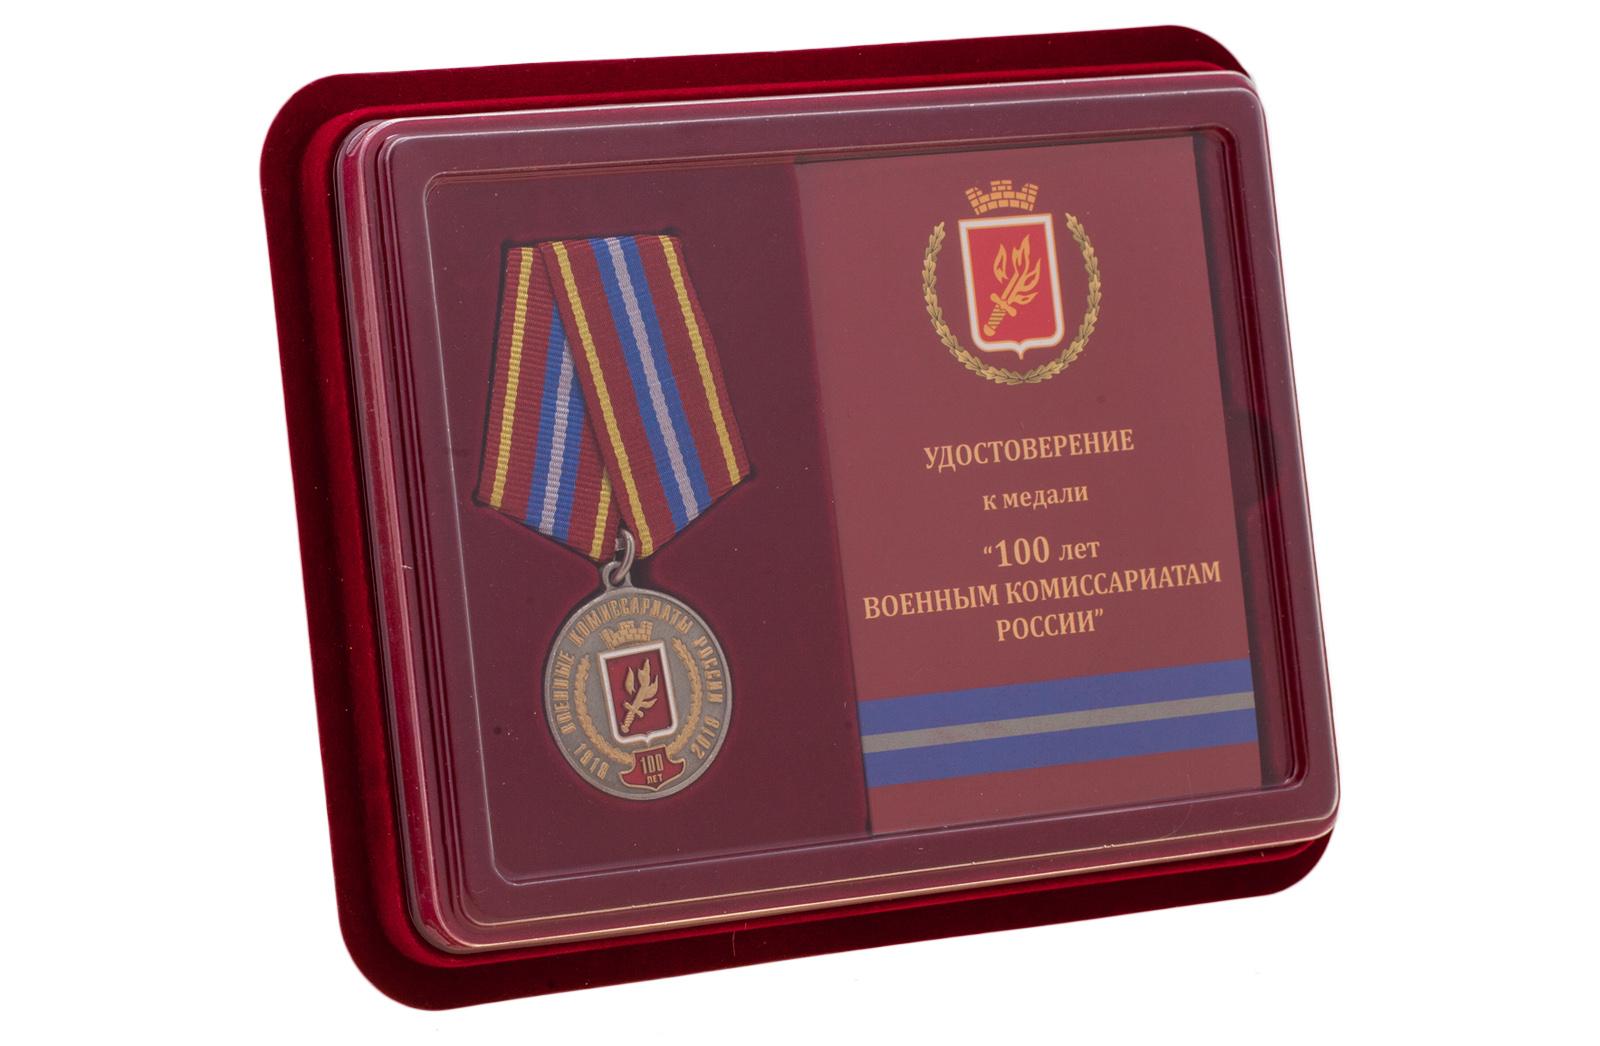 Купить медаль к 100-летию Военных комиссариатов России За безупречную службу с доставкой